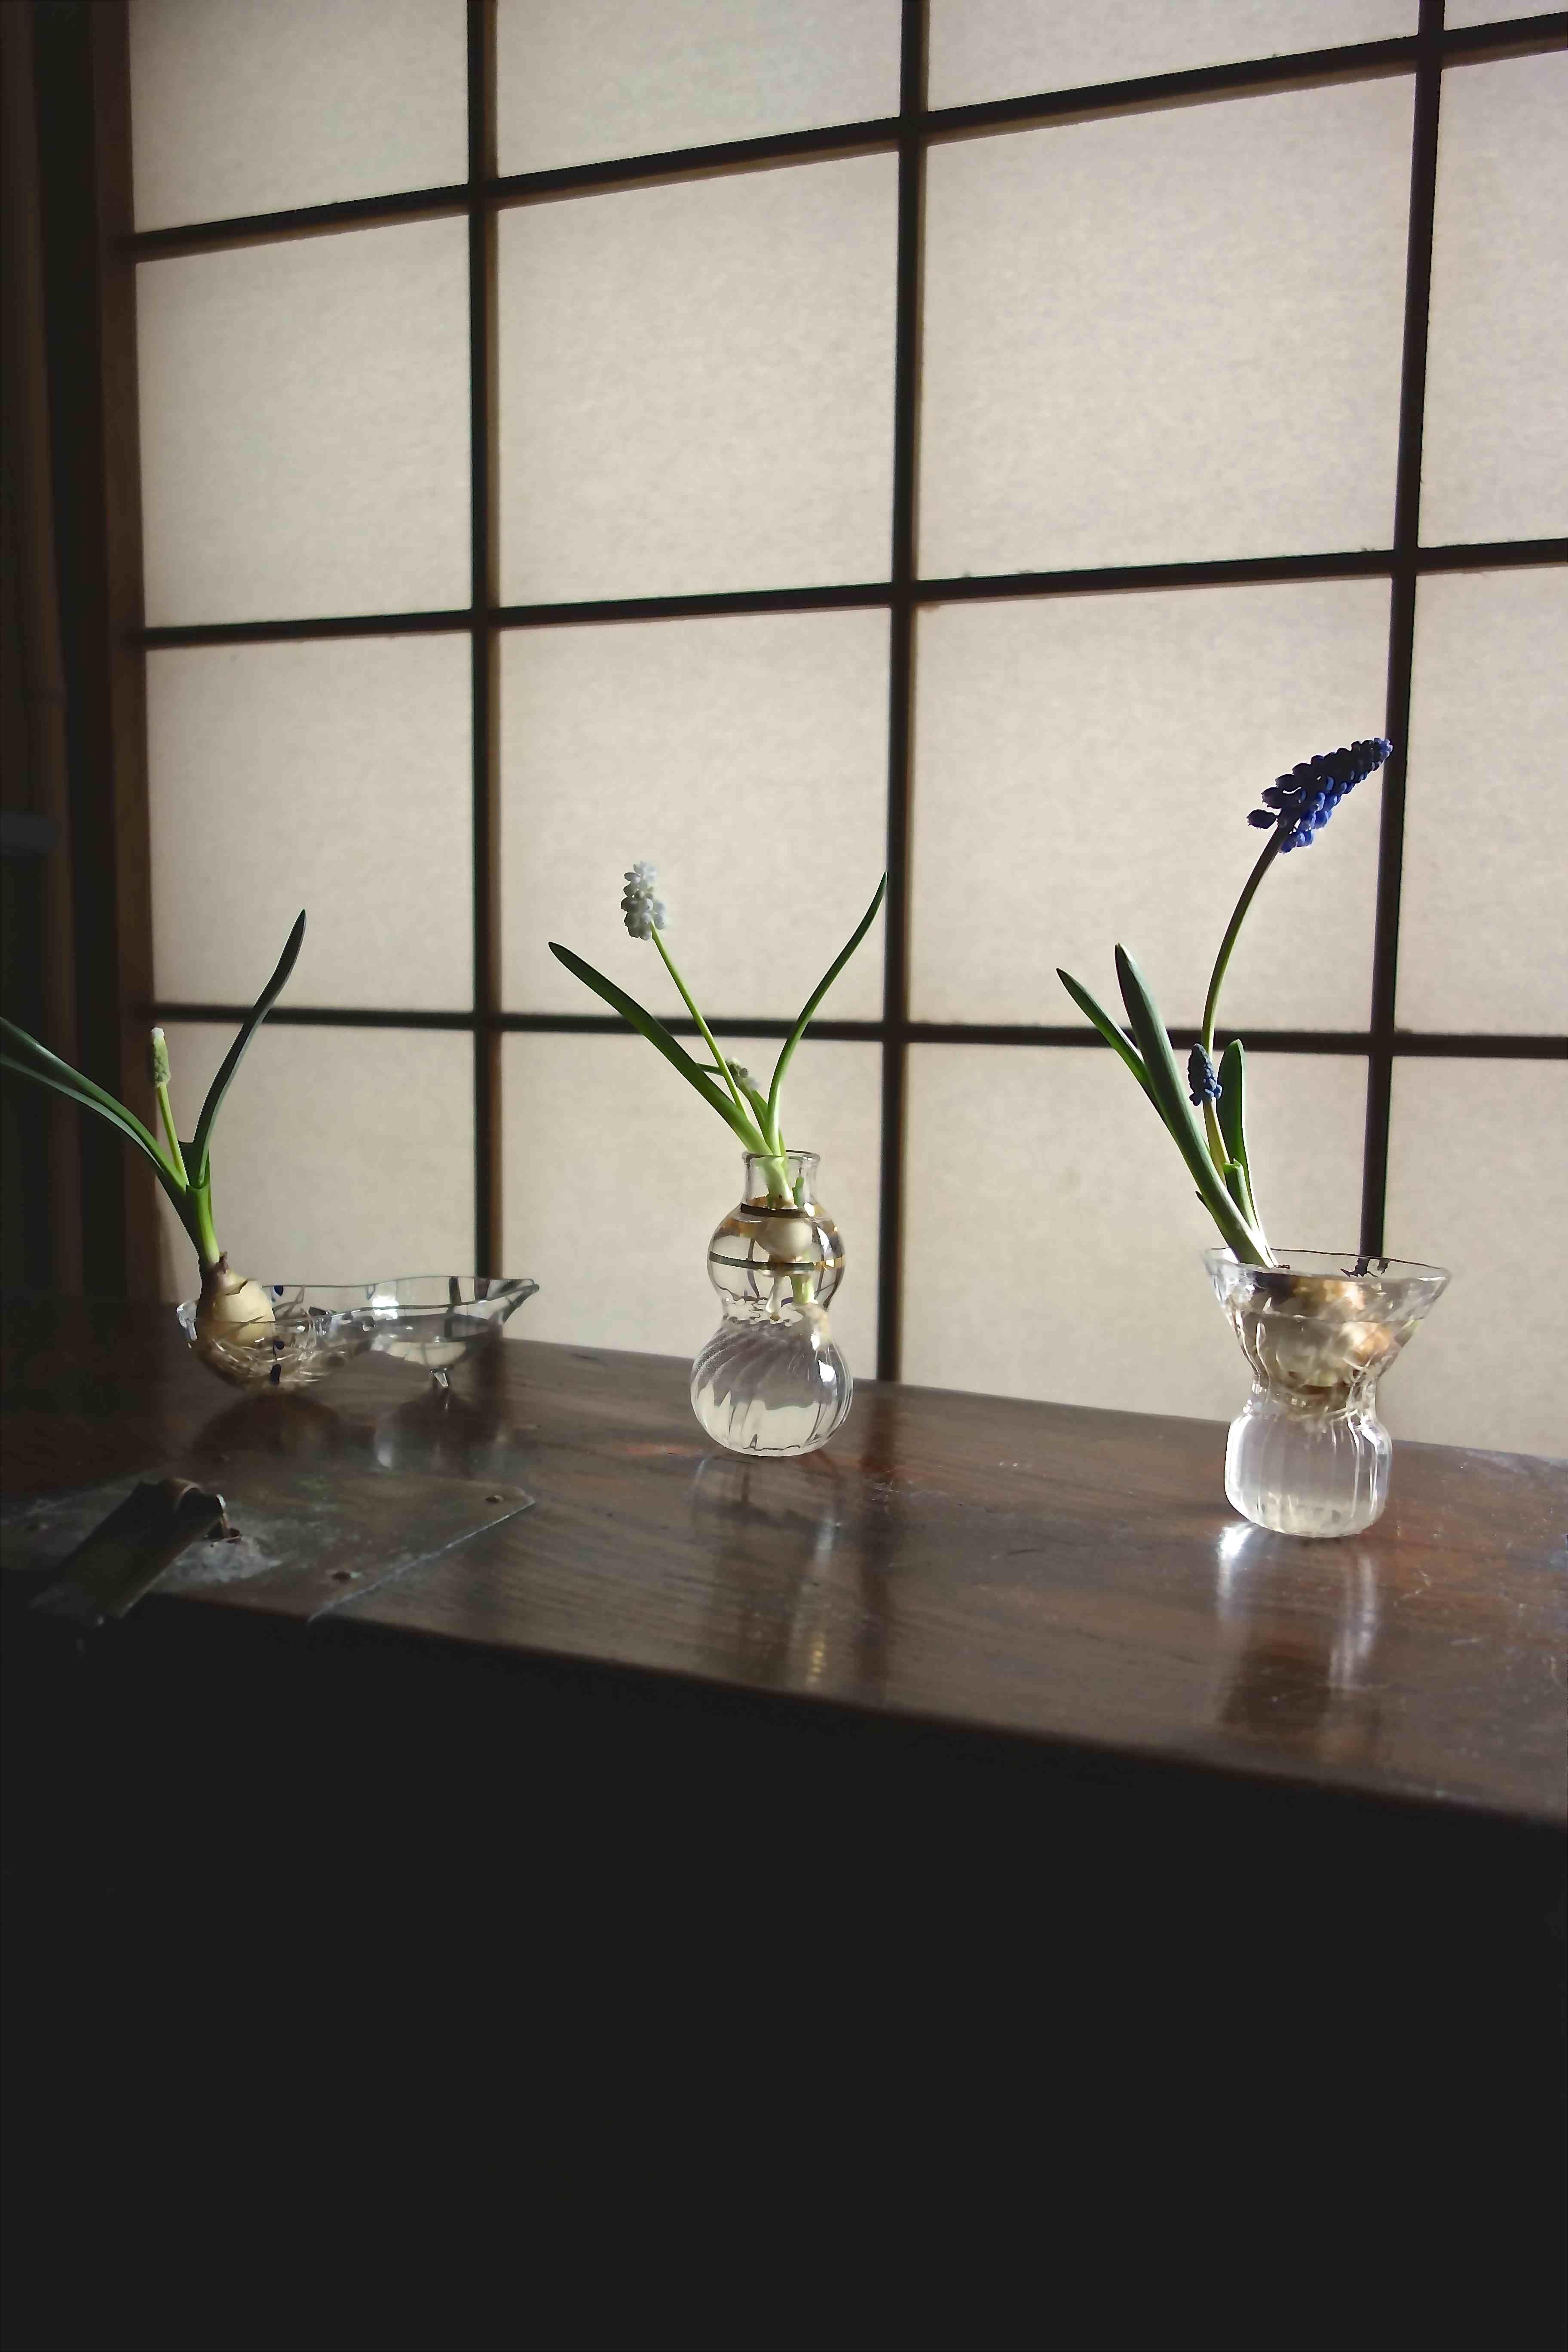 早春のガラス器_a0197730_10495259.jpg